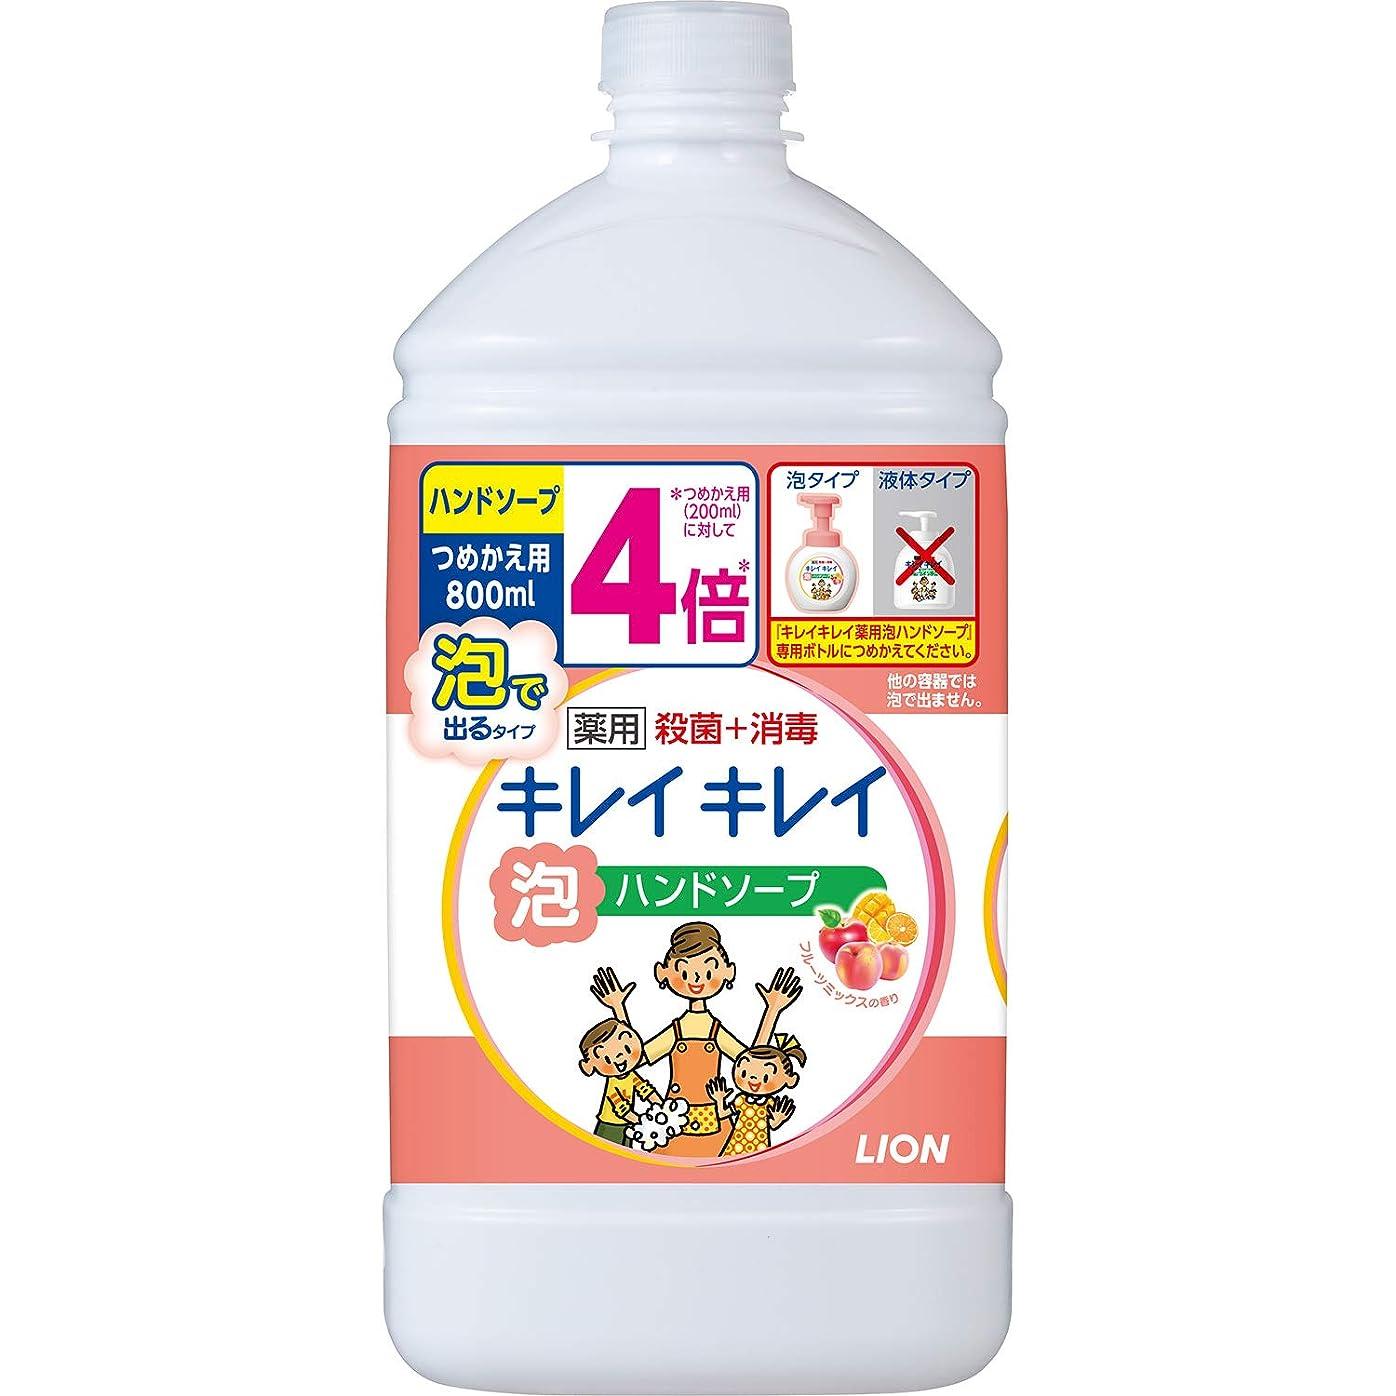 有利ヒステリック戸惑う(医薬部外品)【大容量】キレイキレイ 薬用 泡ハンドソープ フルーツミックスの香り 詰め替え用 800ml